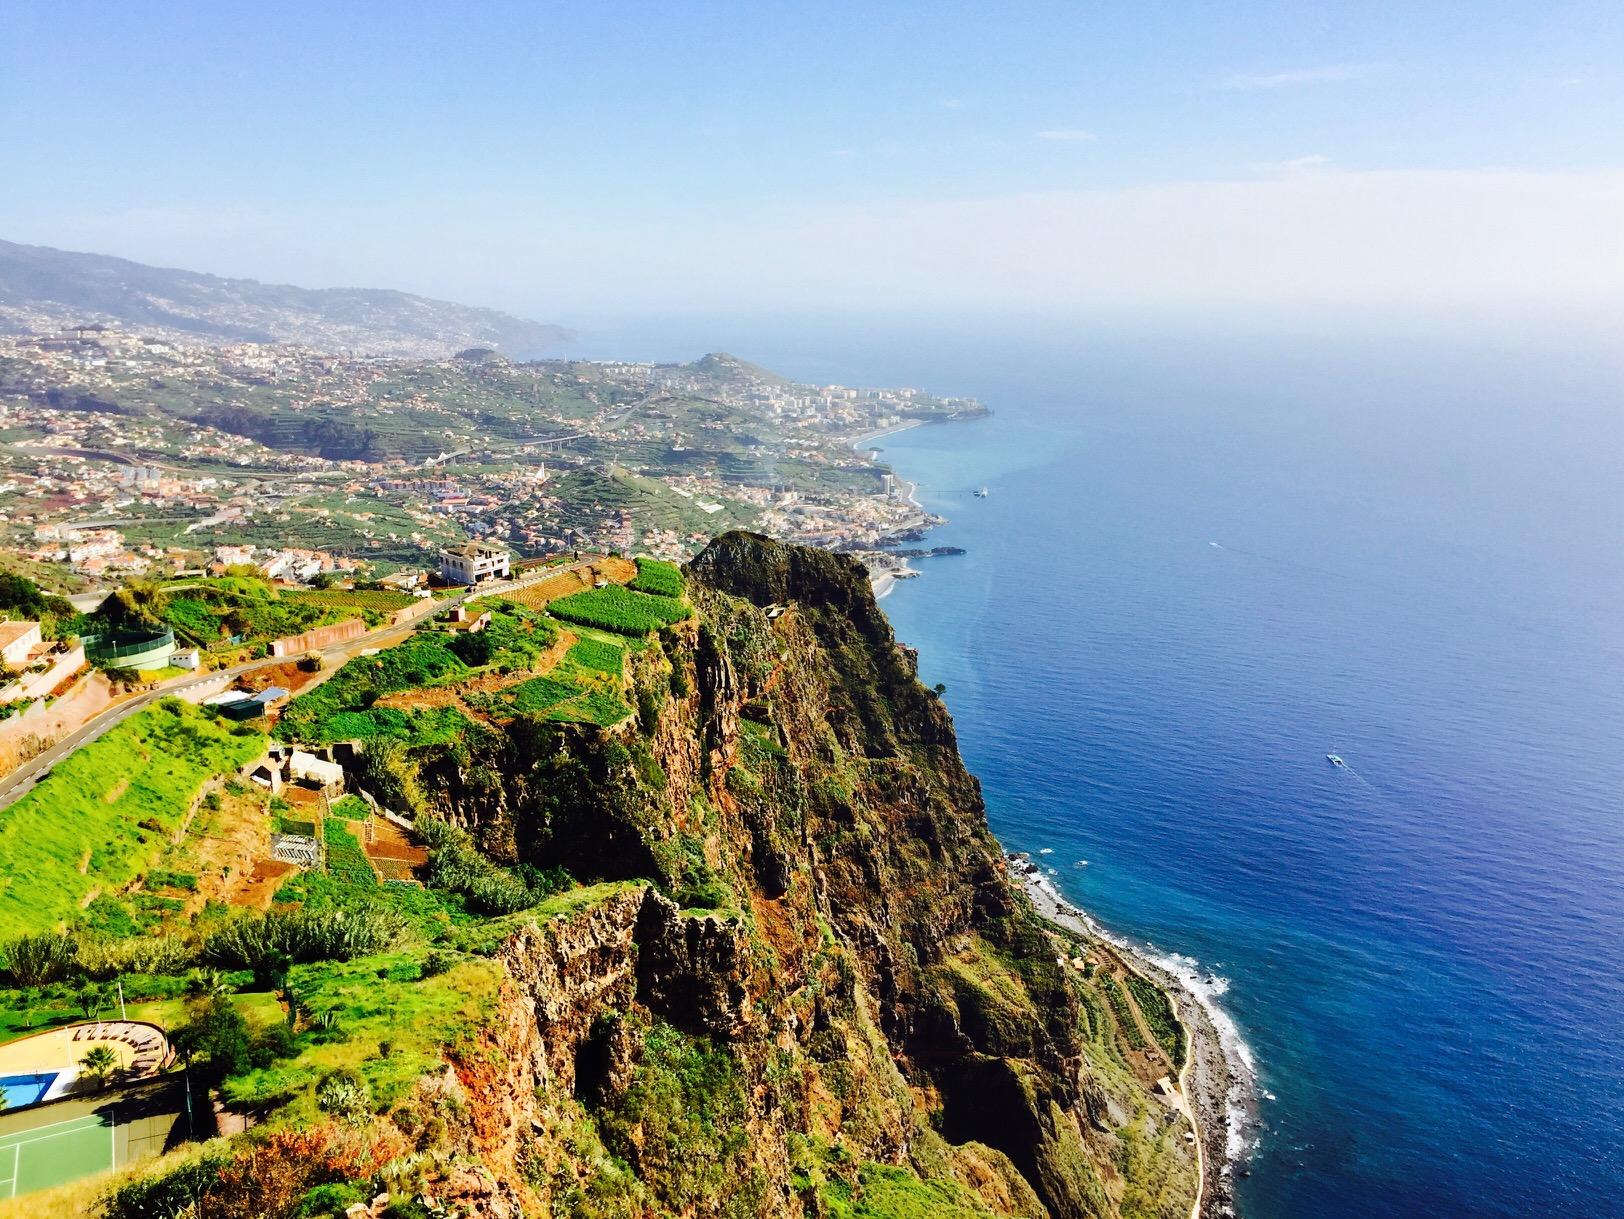 Aussicht auf die Küste von der Plattform Cabo Girao, Madeira